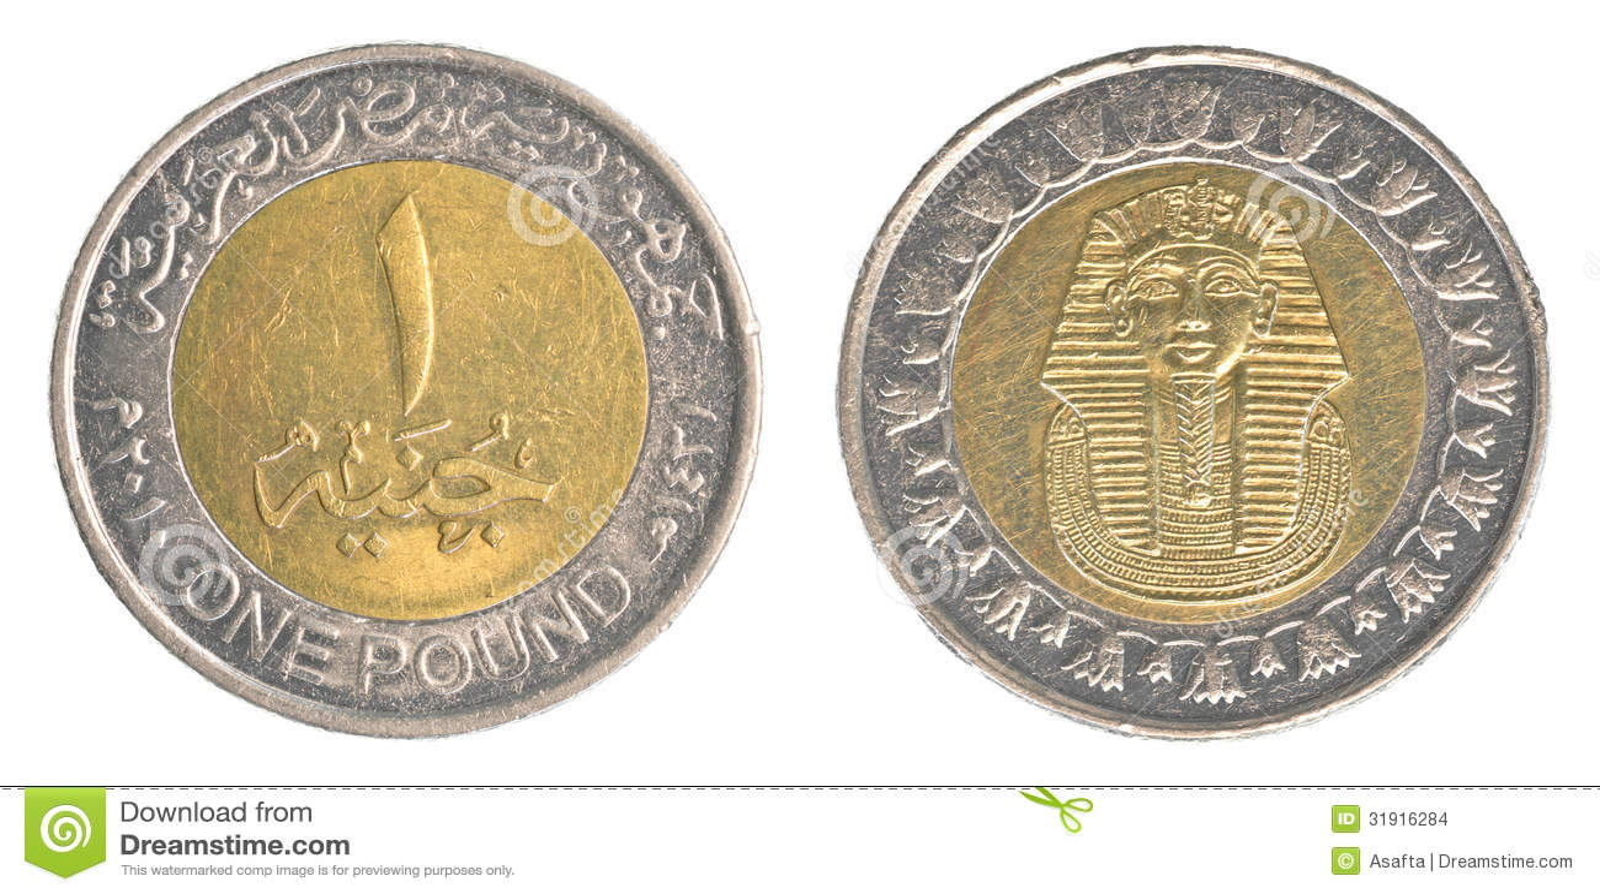 Une Piece De Monnaie De Livre Egyptienne Photo Stock Image